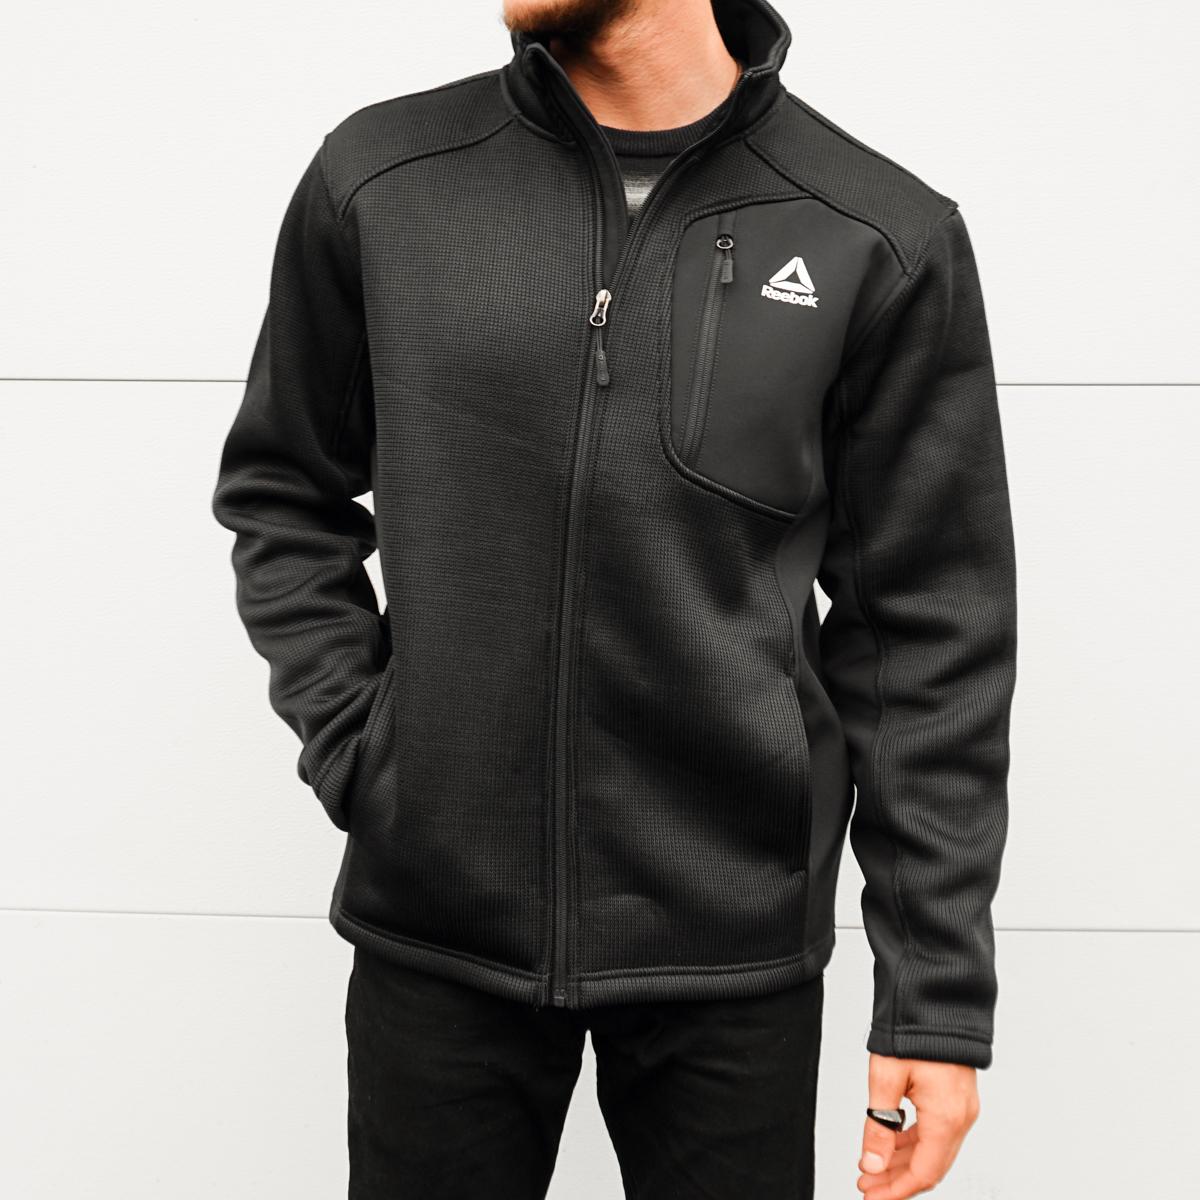 Reebok Men's Sweater Fleece Jacket